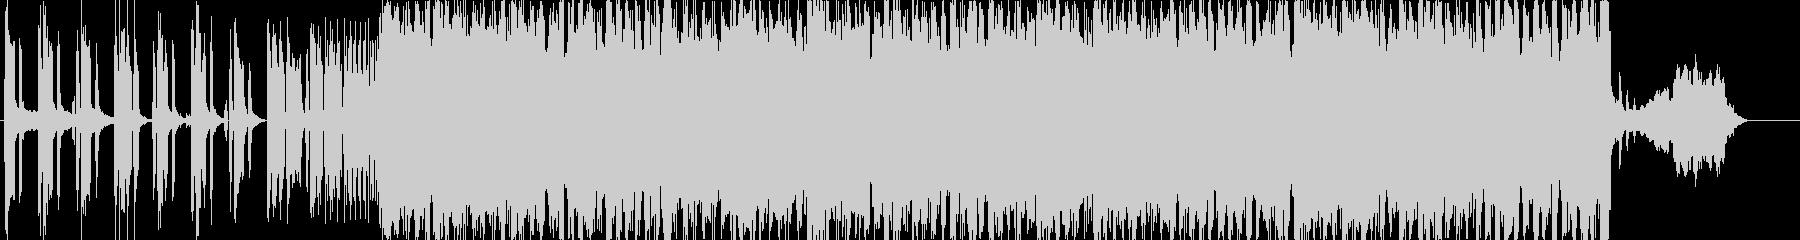 爽やかエレクトロ_aの未再生の波形